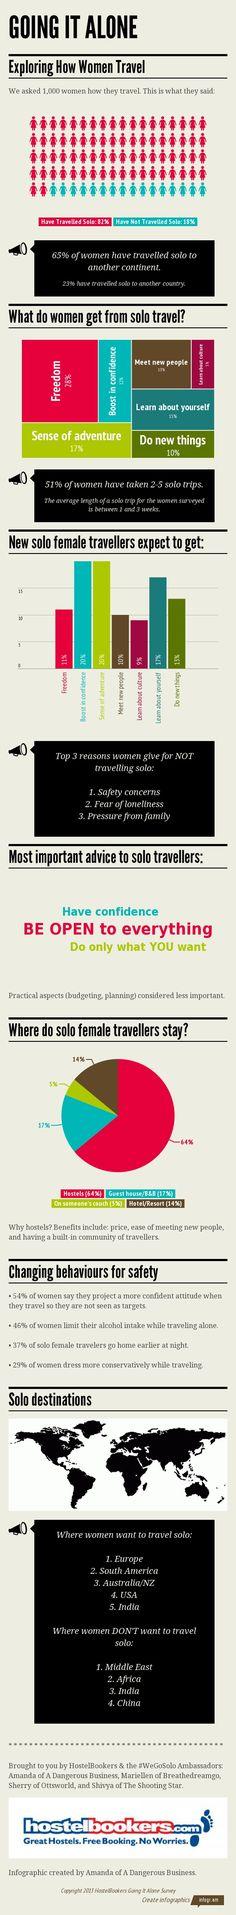 Women still love to travel solo despite negative media attention